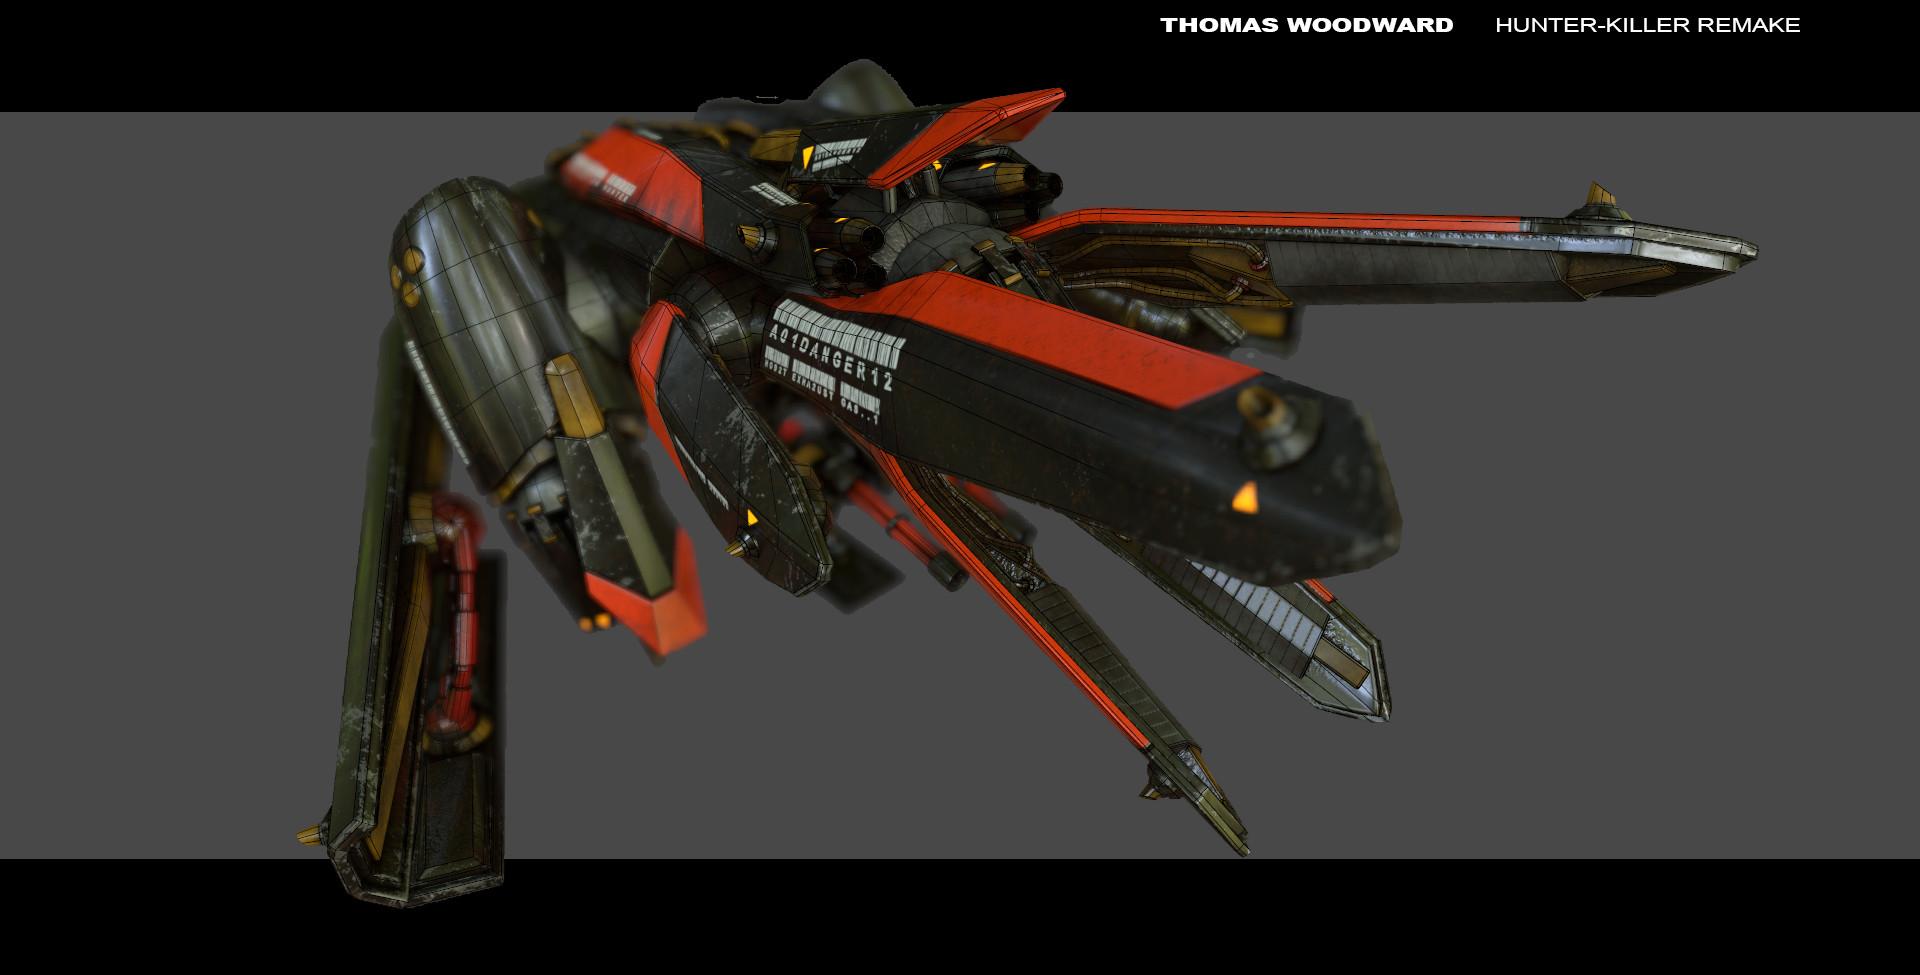 Thomas woodward 09